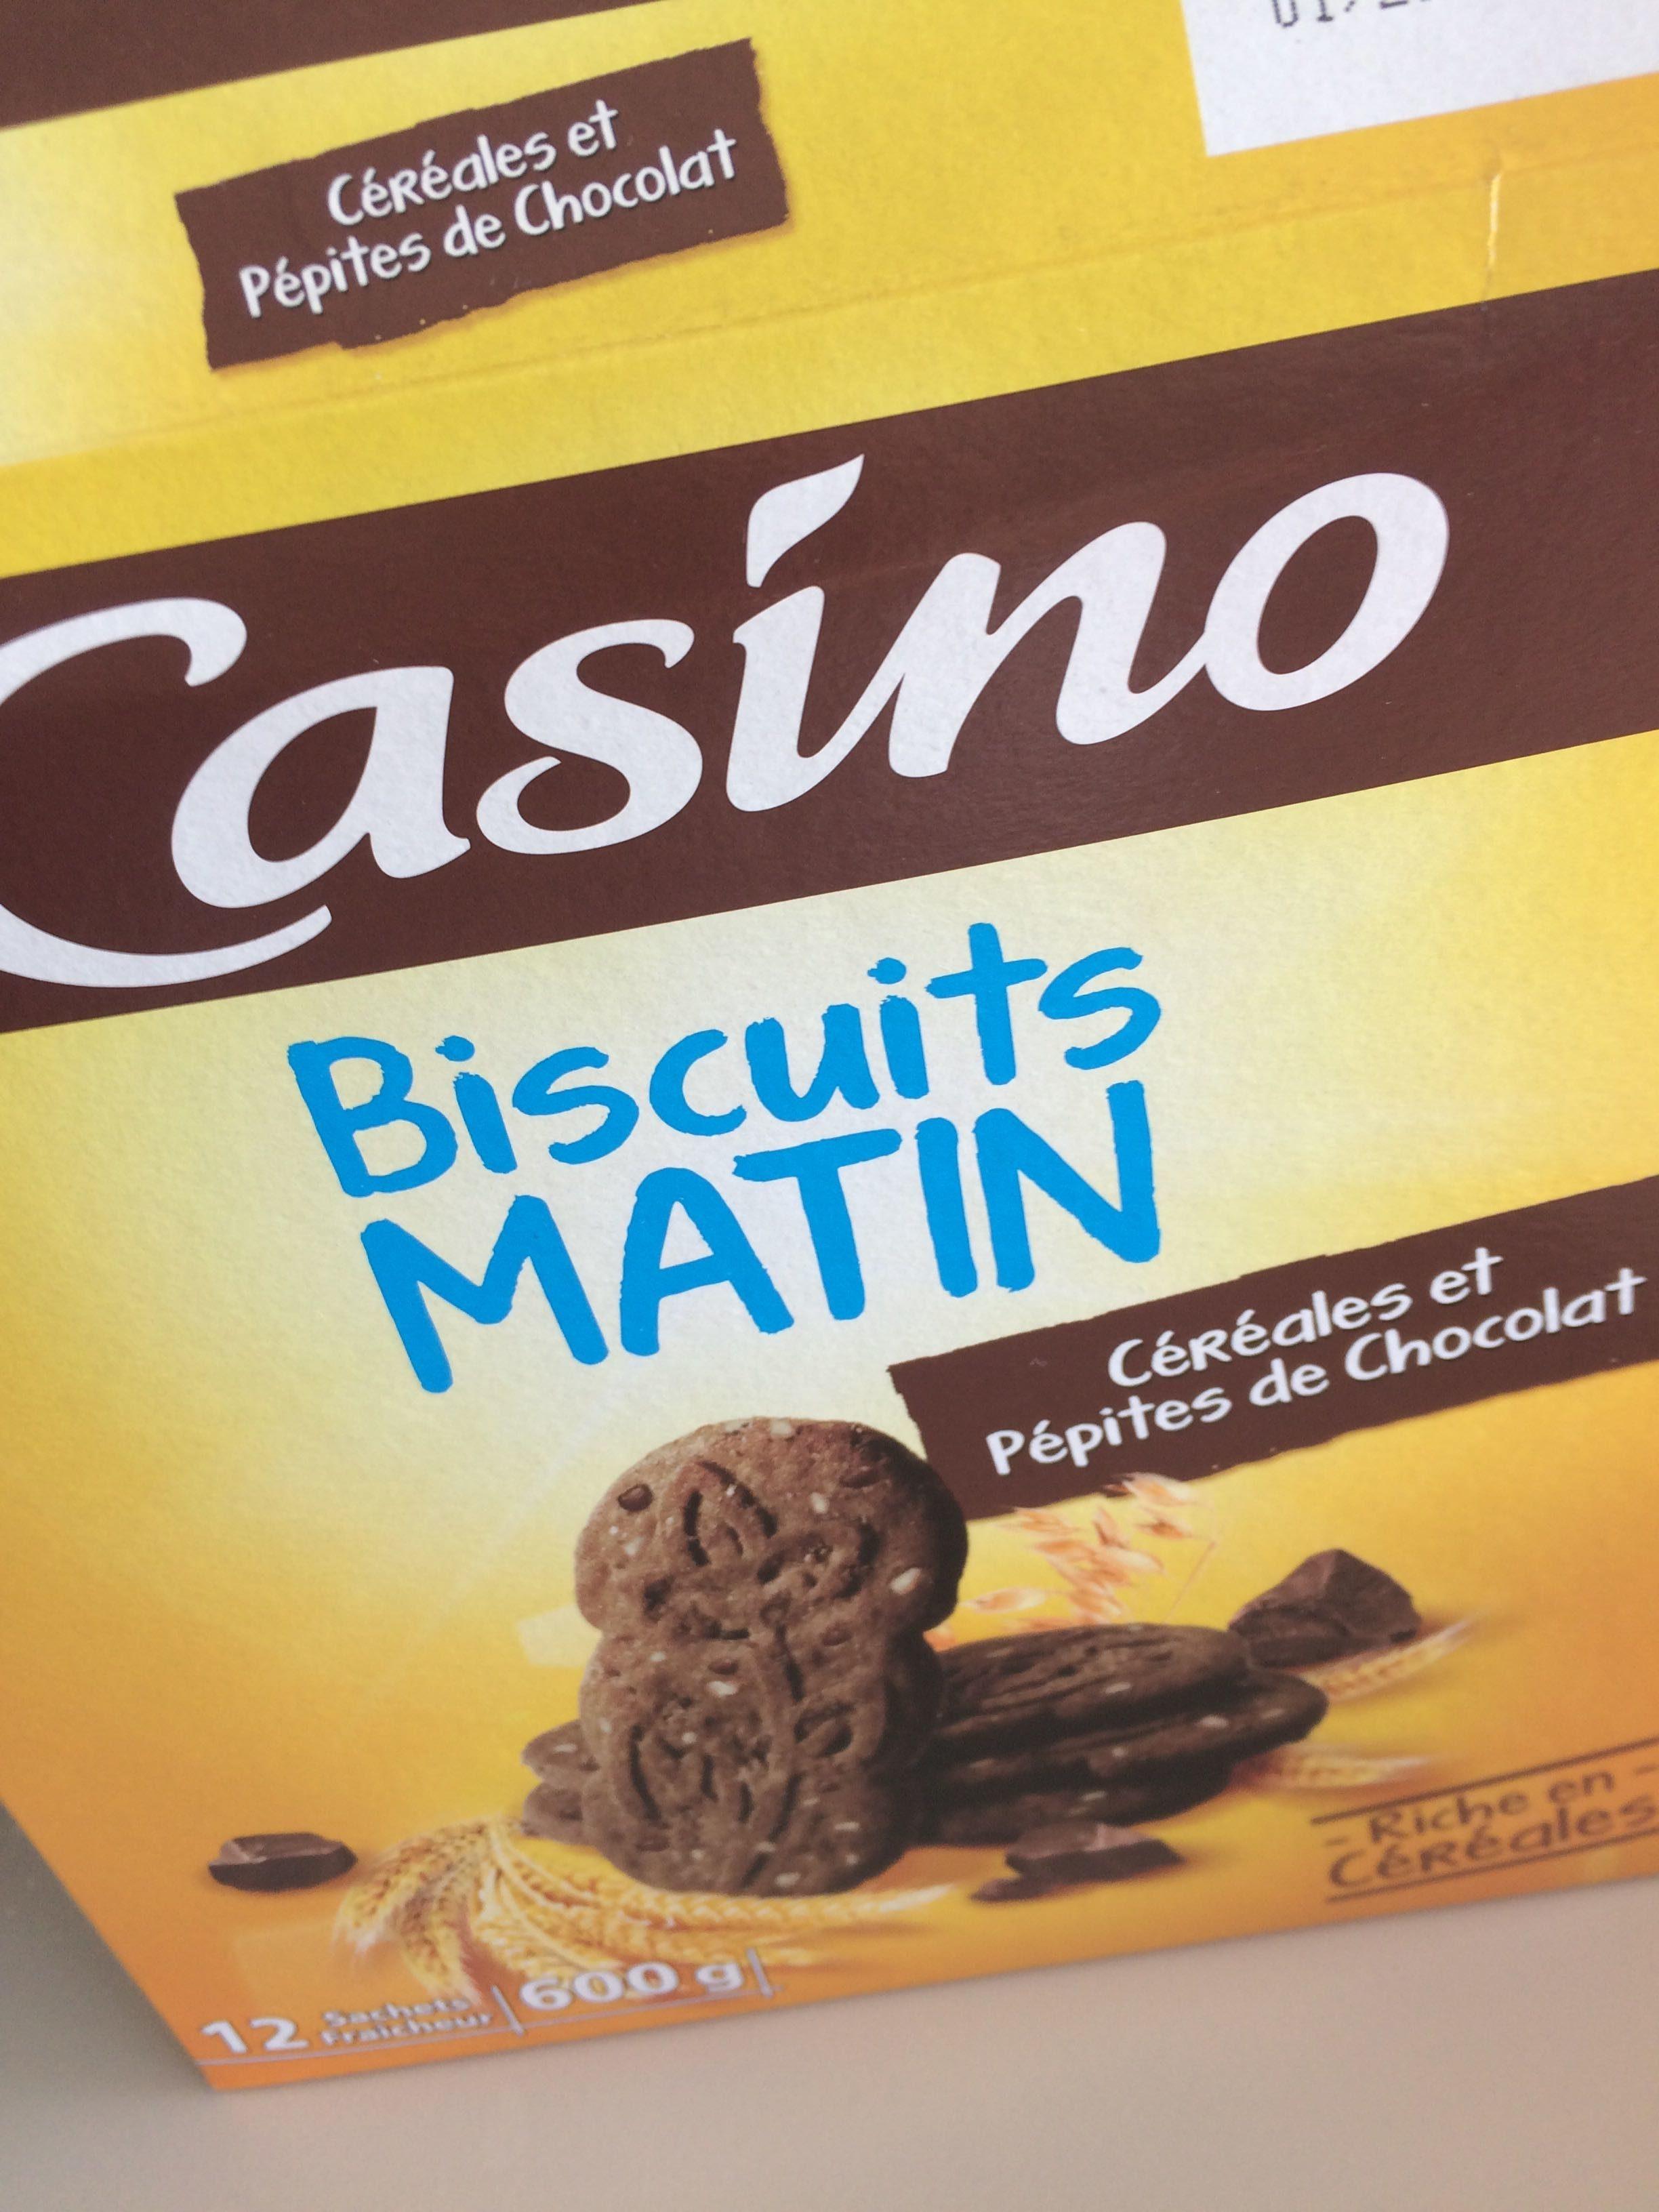 Biscuit matin casino